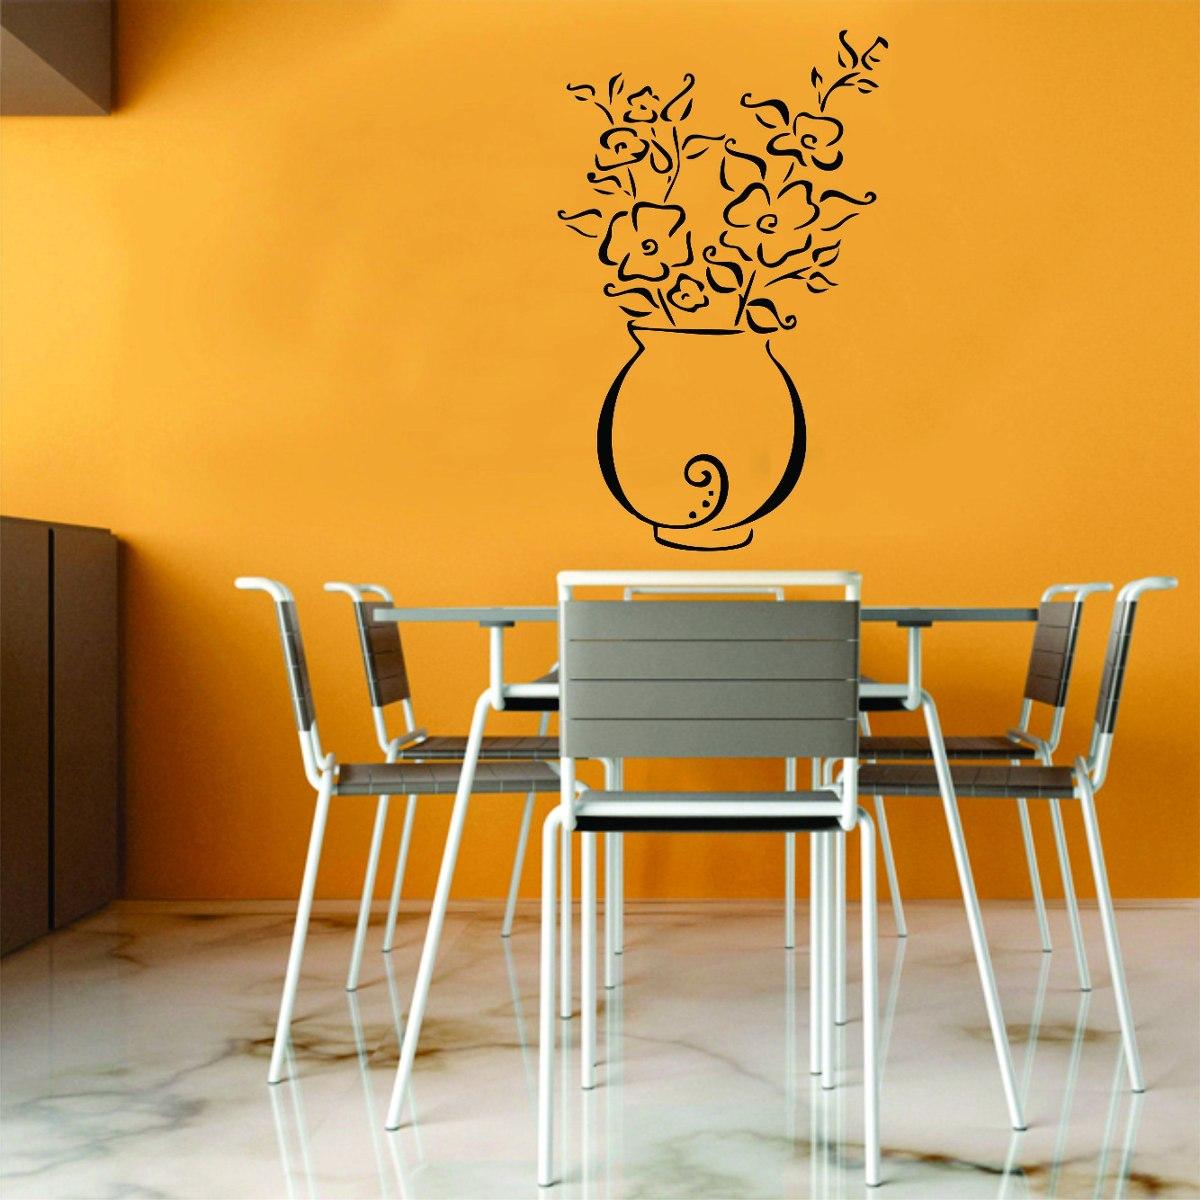 Artesanato Com Tecido E Cola ~ Adesivo Decorativo Parede Sala Cozinha Floral Vaso De Flor R$ 17,99 em Mercado Livre